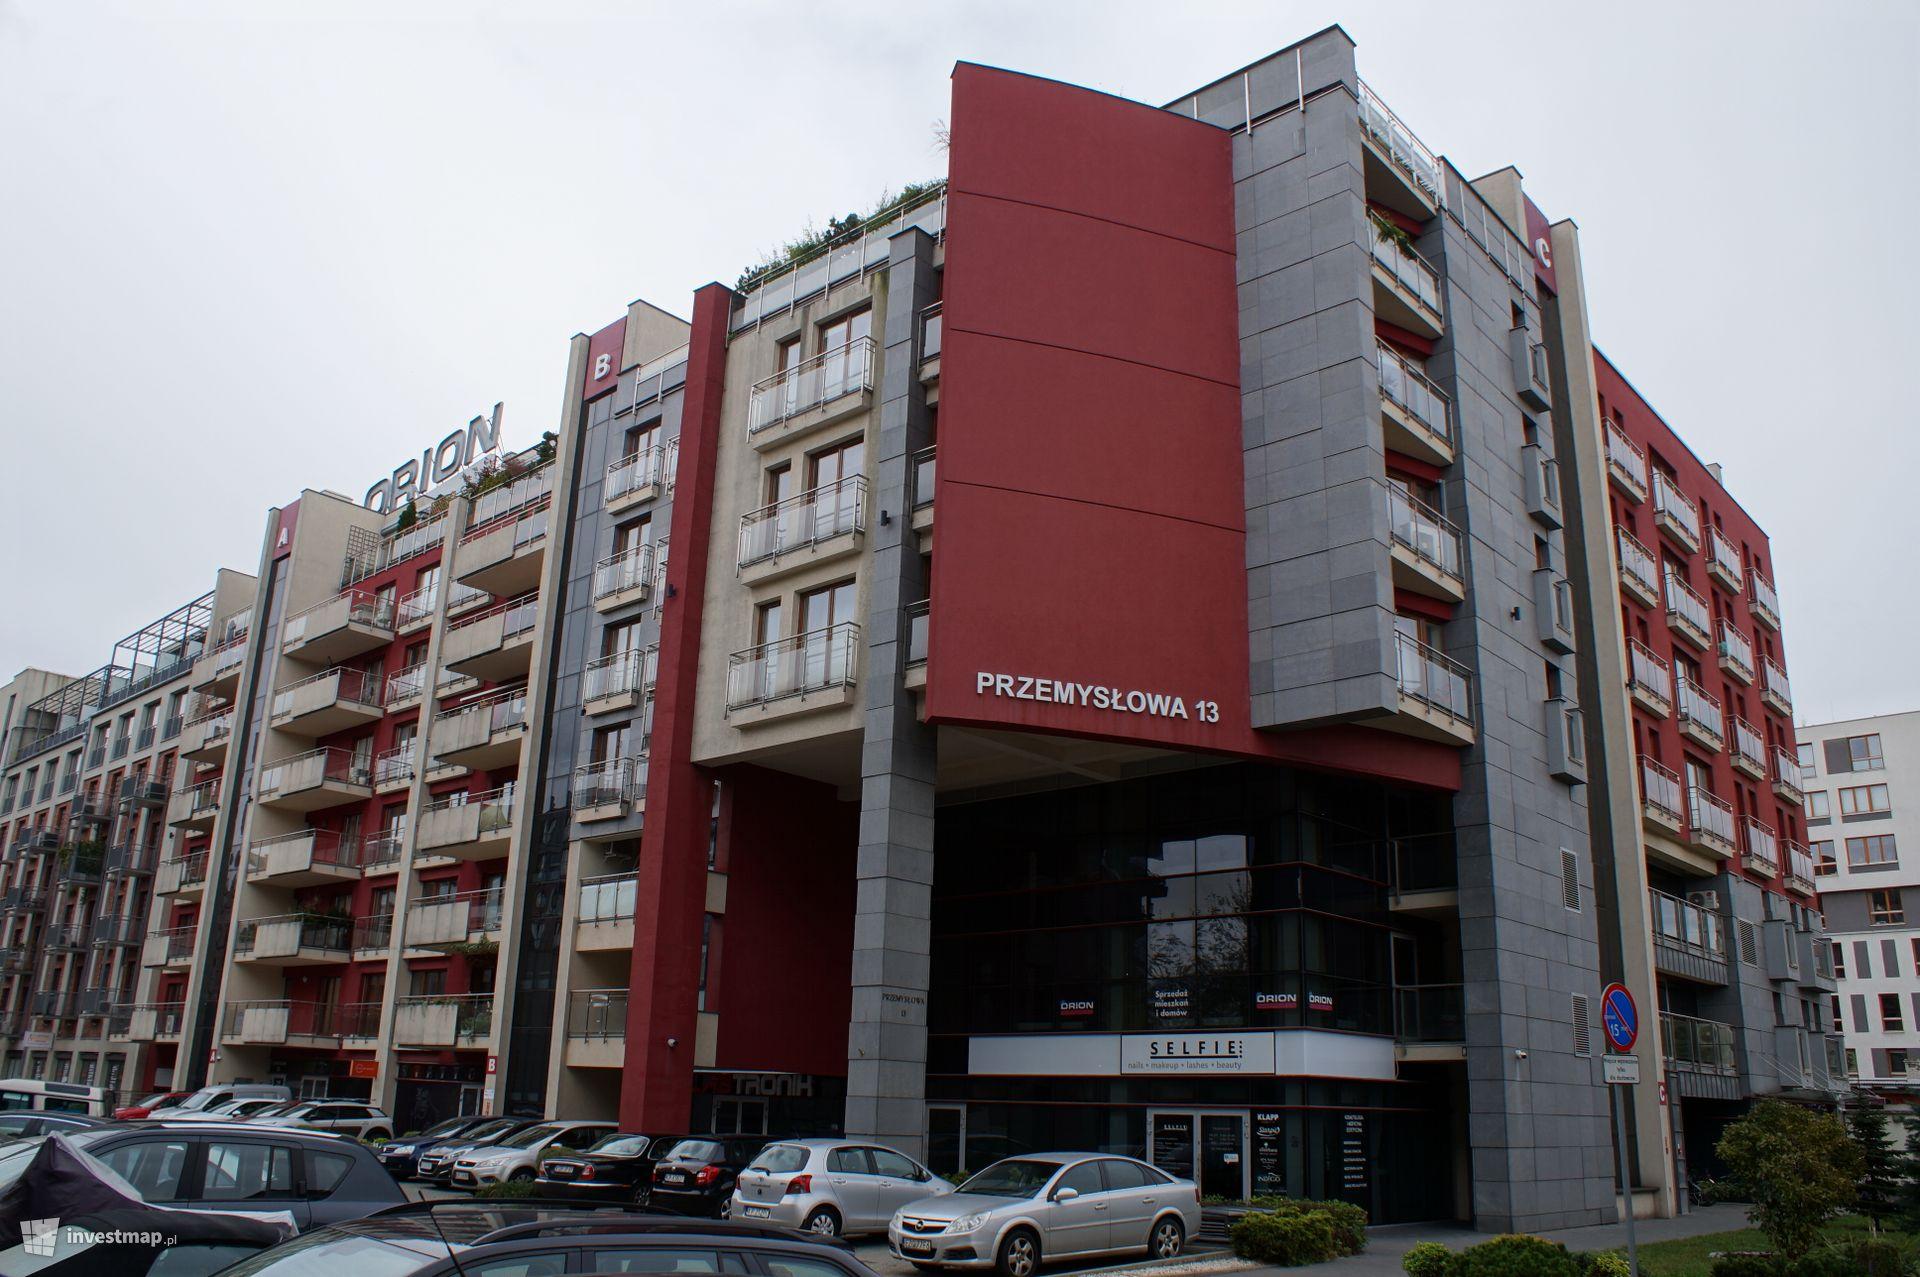 Budynek wielorodzinny, ul. Przemysłowa 13